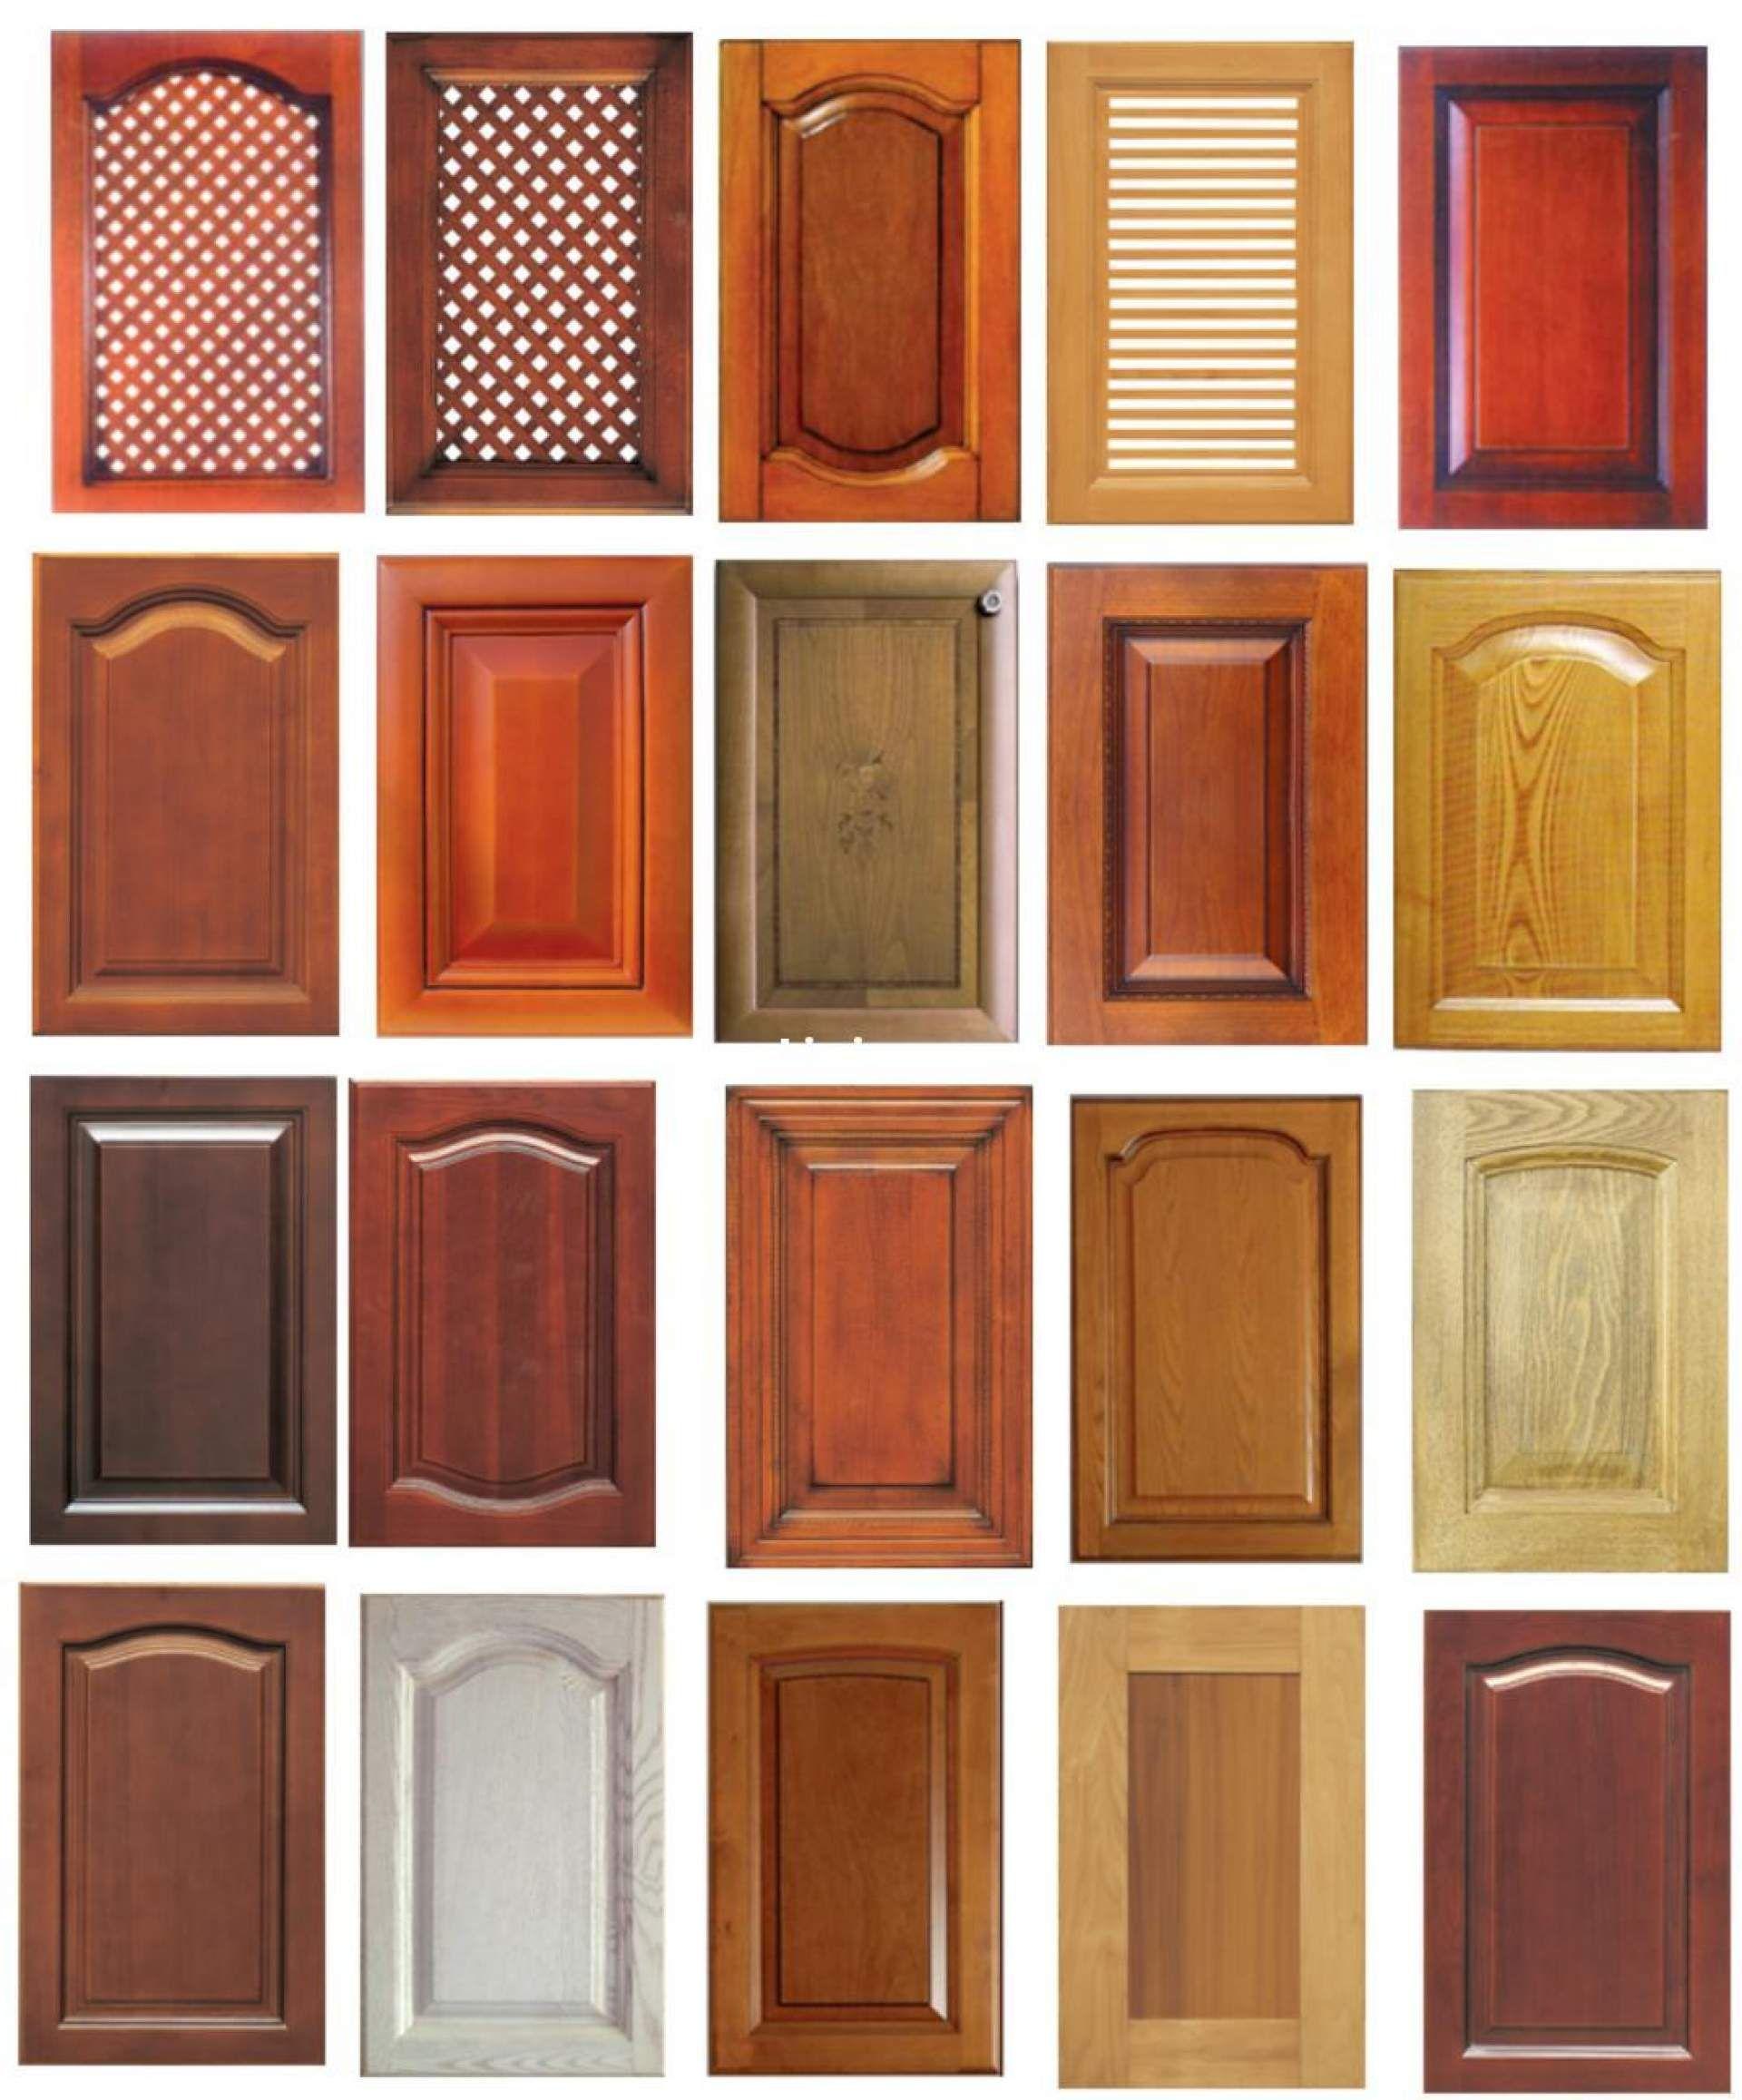 54 Die Meisten Schlechten Küchenschrank Tür Stile Design - Dunklere ...